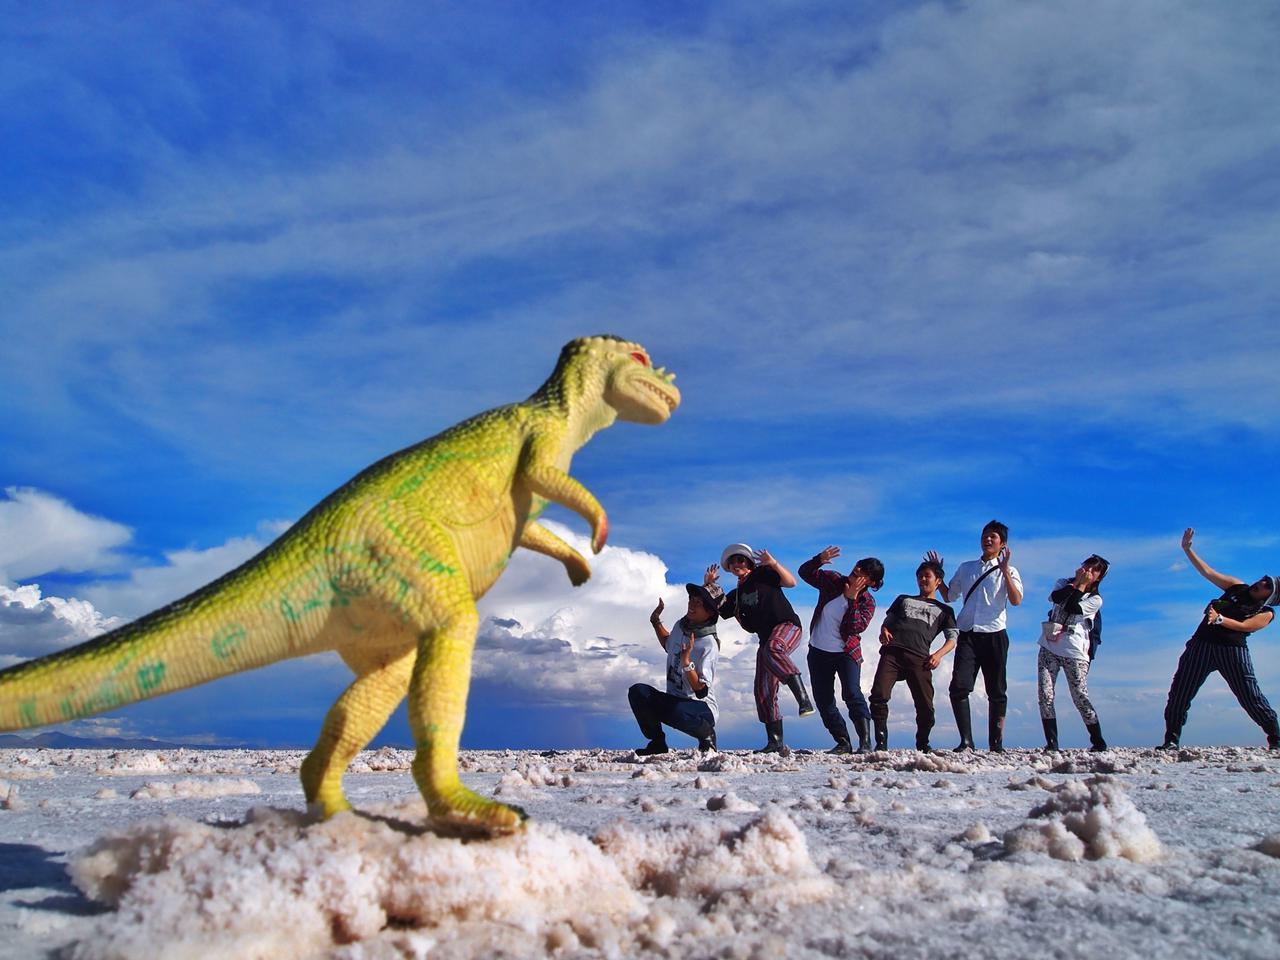 画像: 恐竜のおもちゃを使ったトリック写真(筆者撮影)